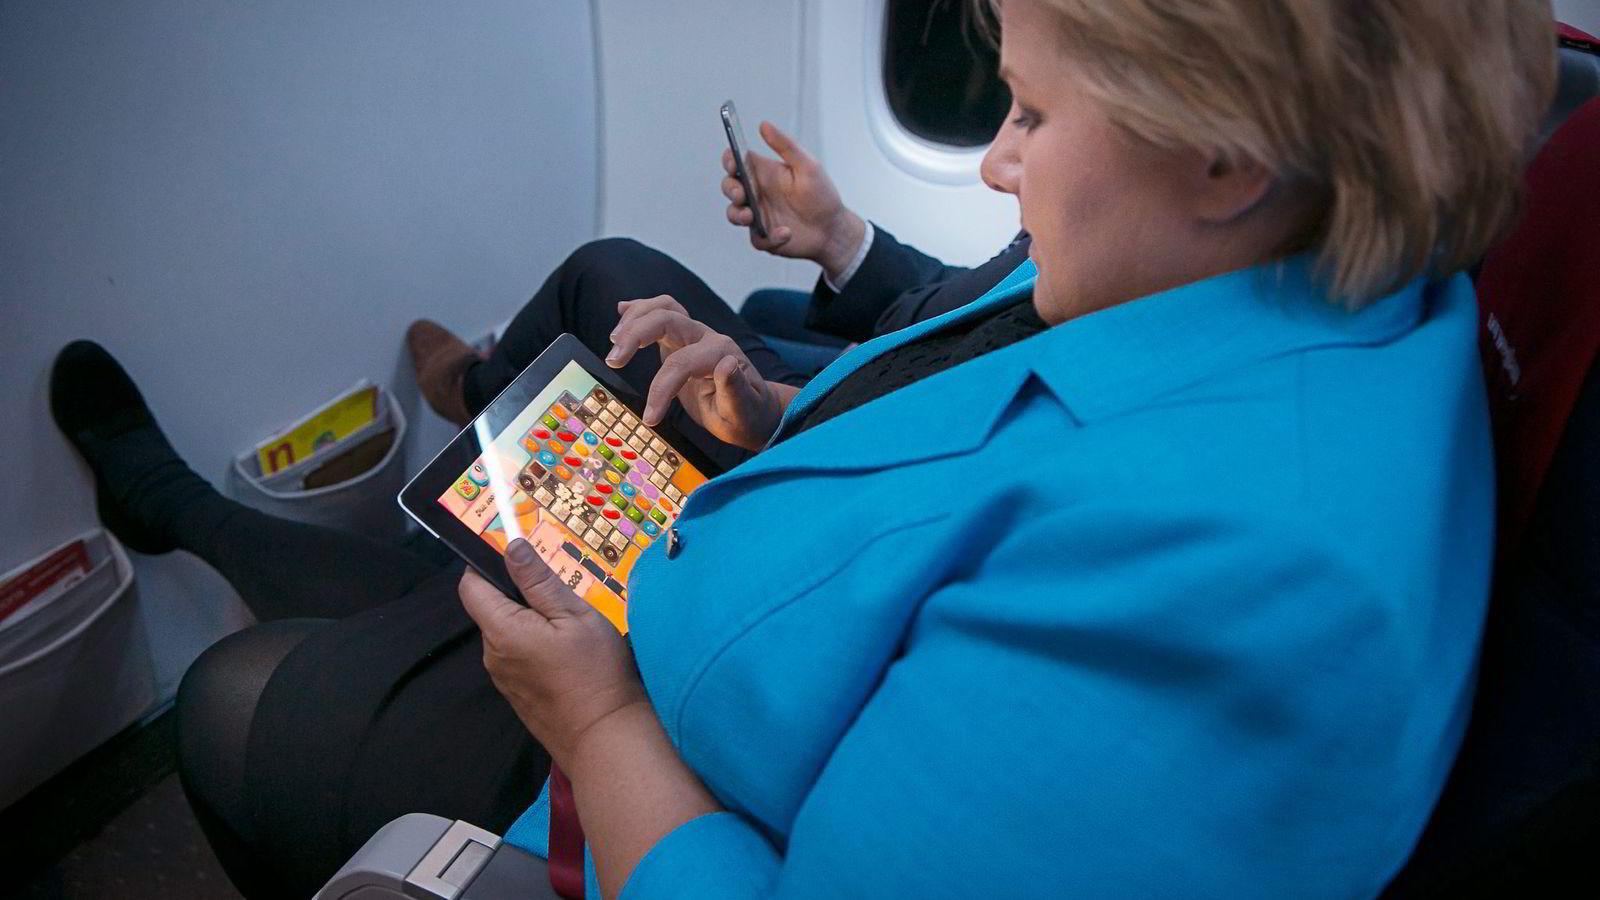 TRE PÅ RAD. Statsminister Erna Solberg liker å slappe av med en runde «Candy Crush» på Ipaden, men begynner å gå lei spillet. Flere analytikere spådde onsdag at «Candy Crush»-manien er over. Foto: Heiko Junge,